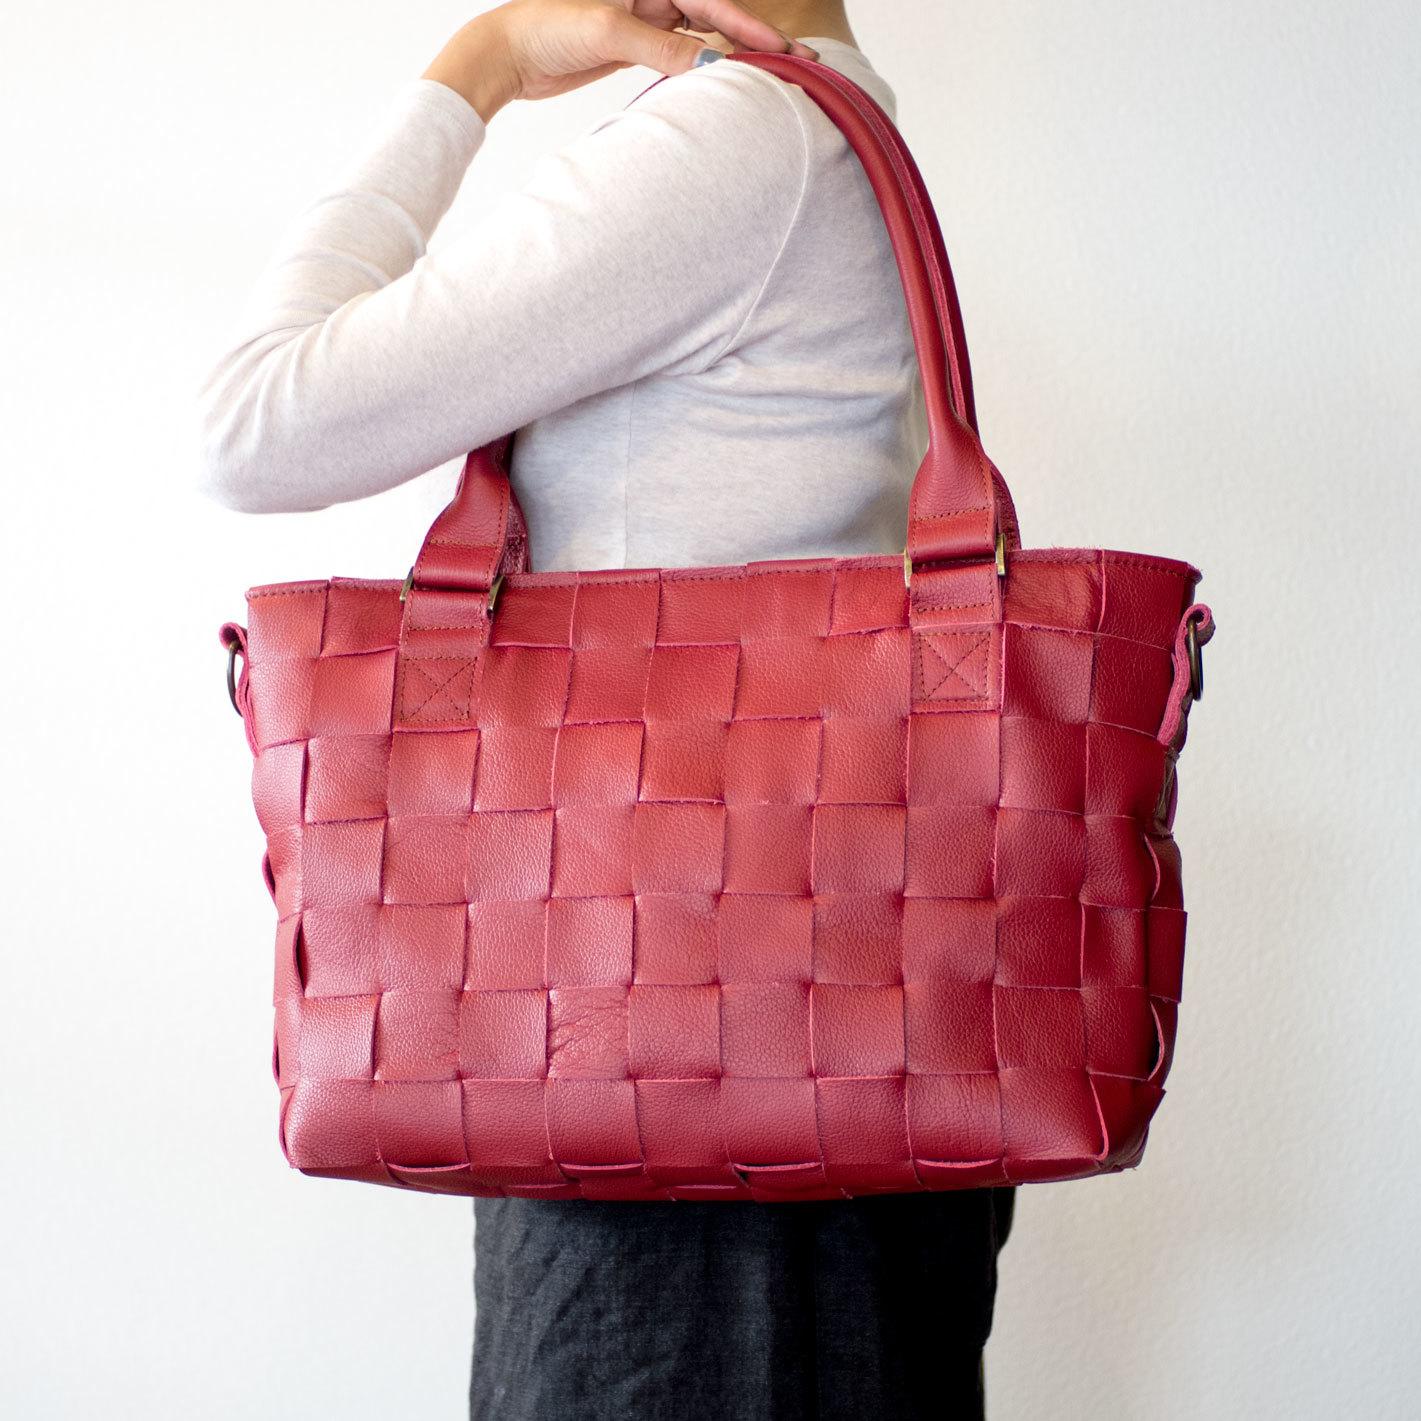 家具用・牛革製 / 編み革、メッシュレザー/ショルダー付・2WAY レザートートバッグ/ 赤 / A4すっぽり